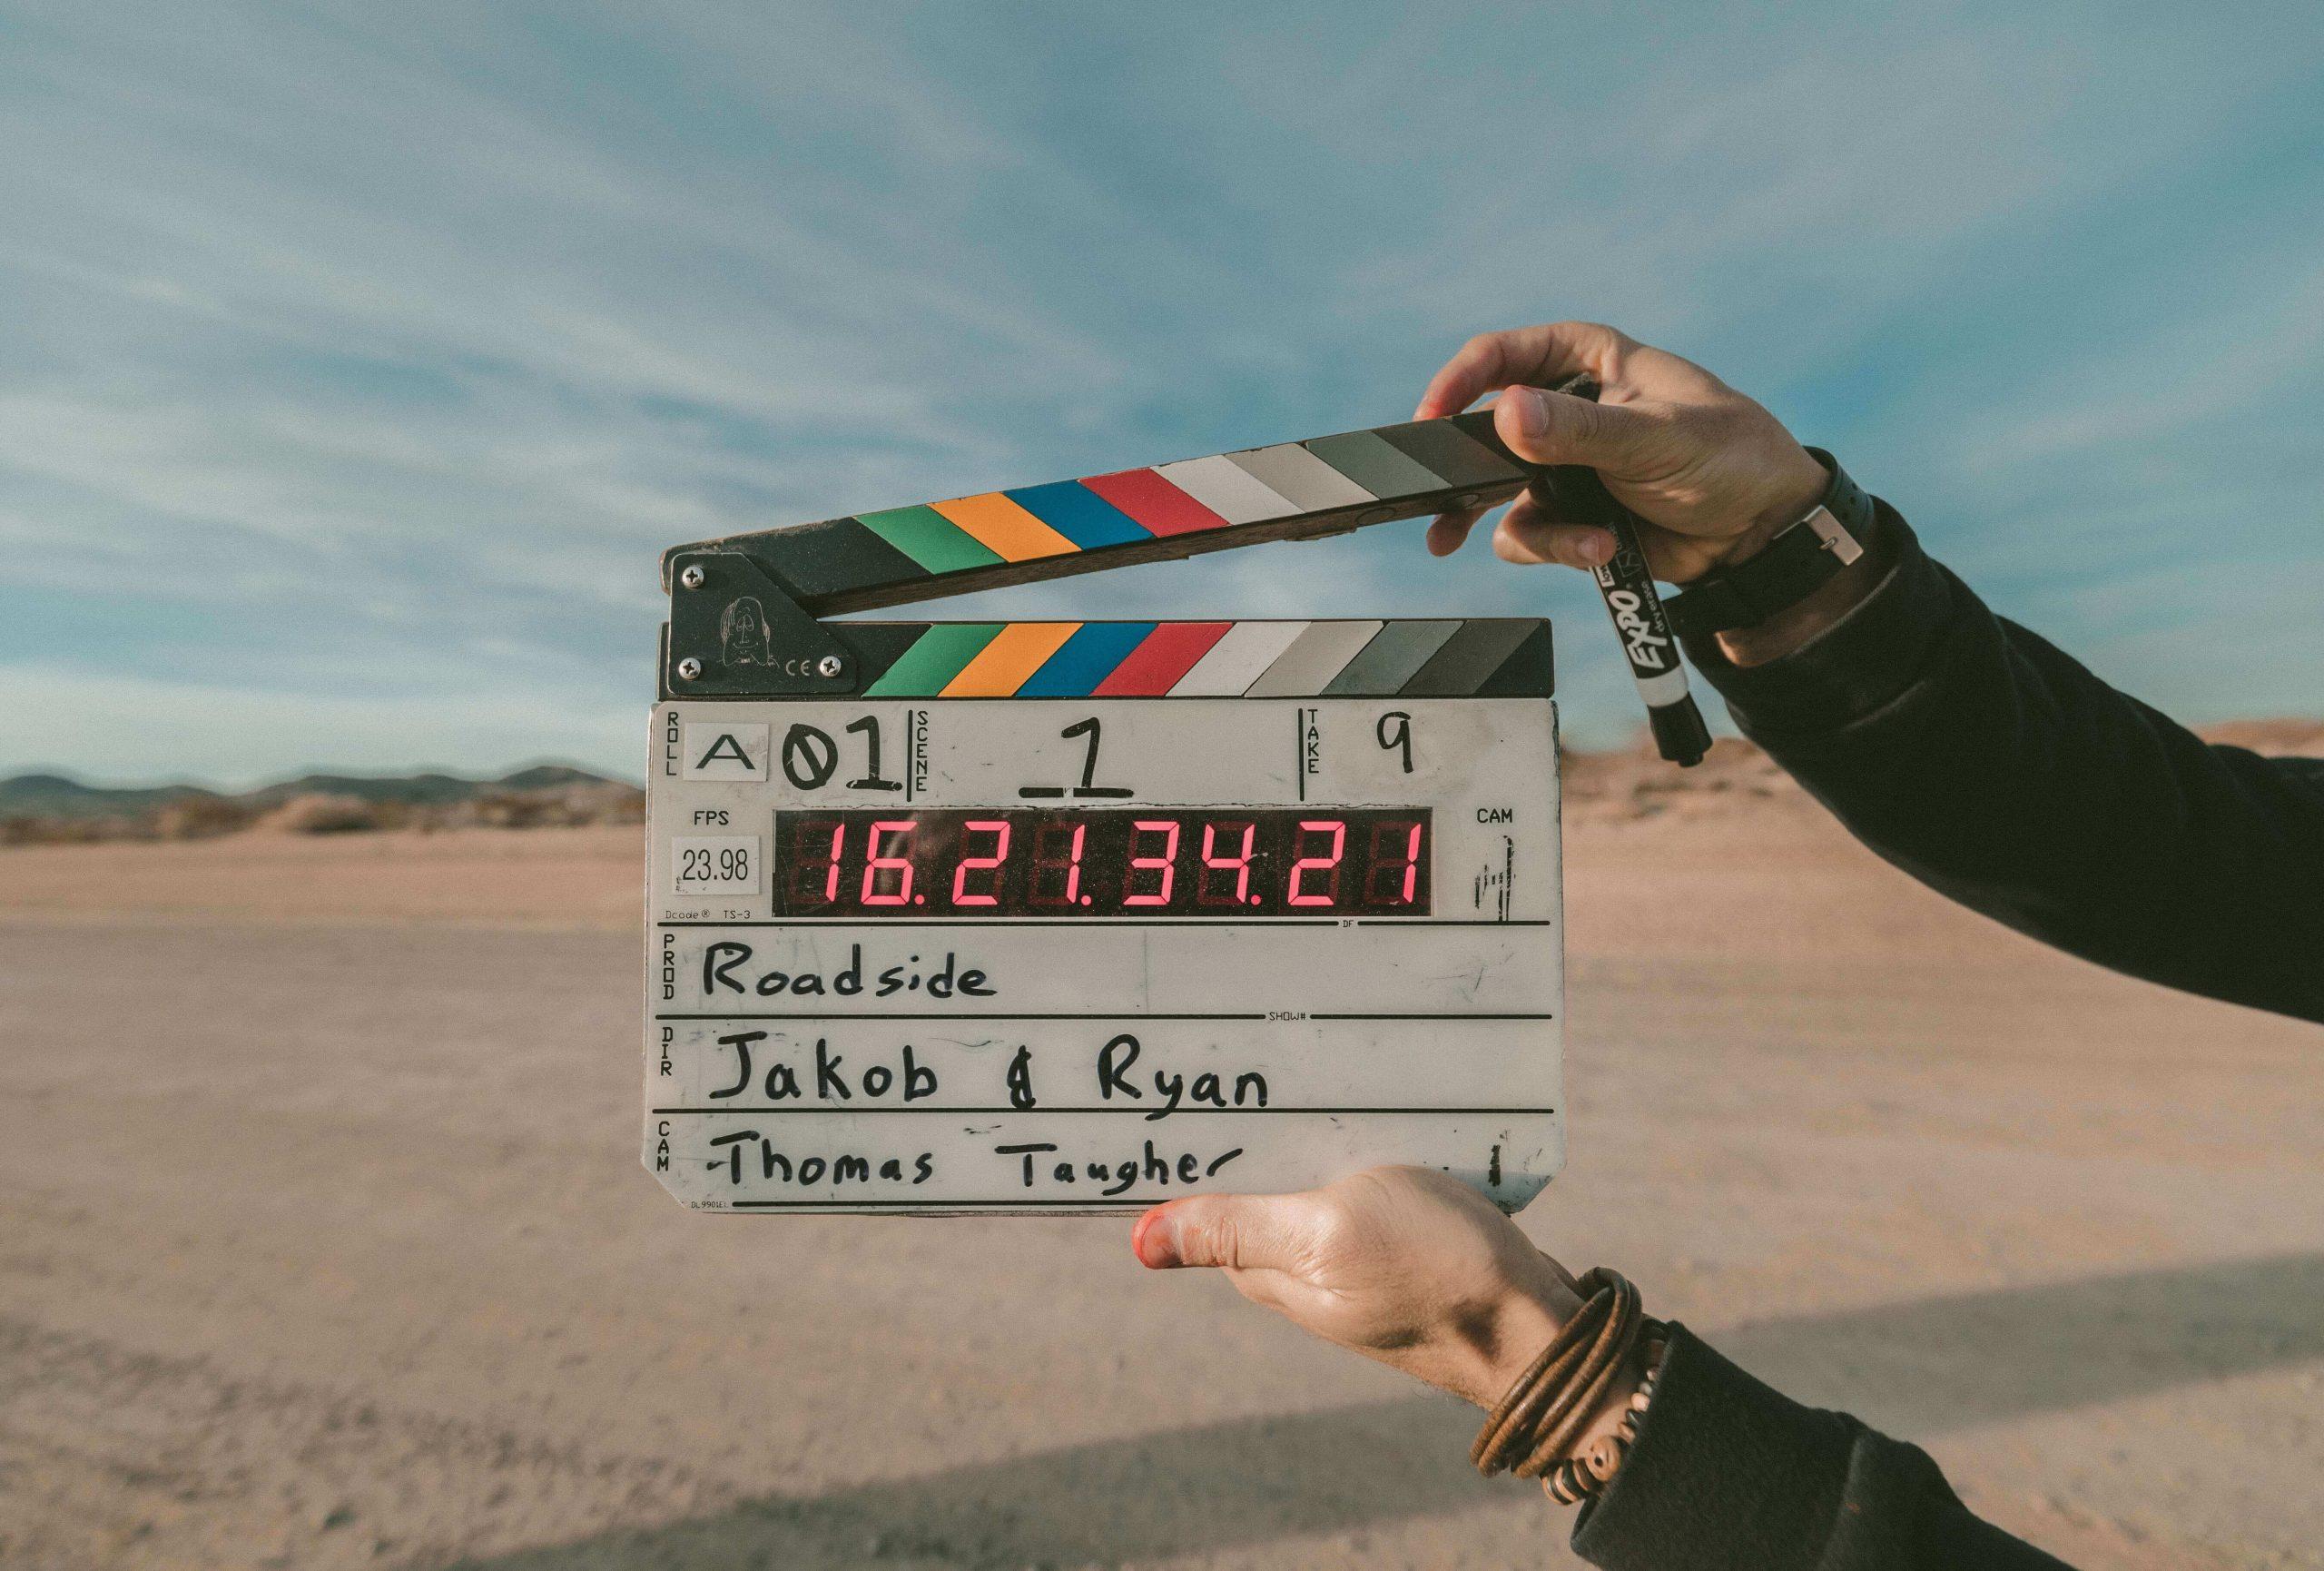 De filmploeg en het proces bij een videoproductie